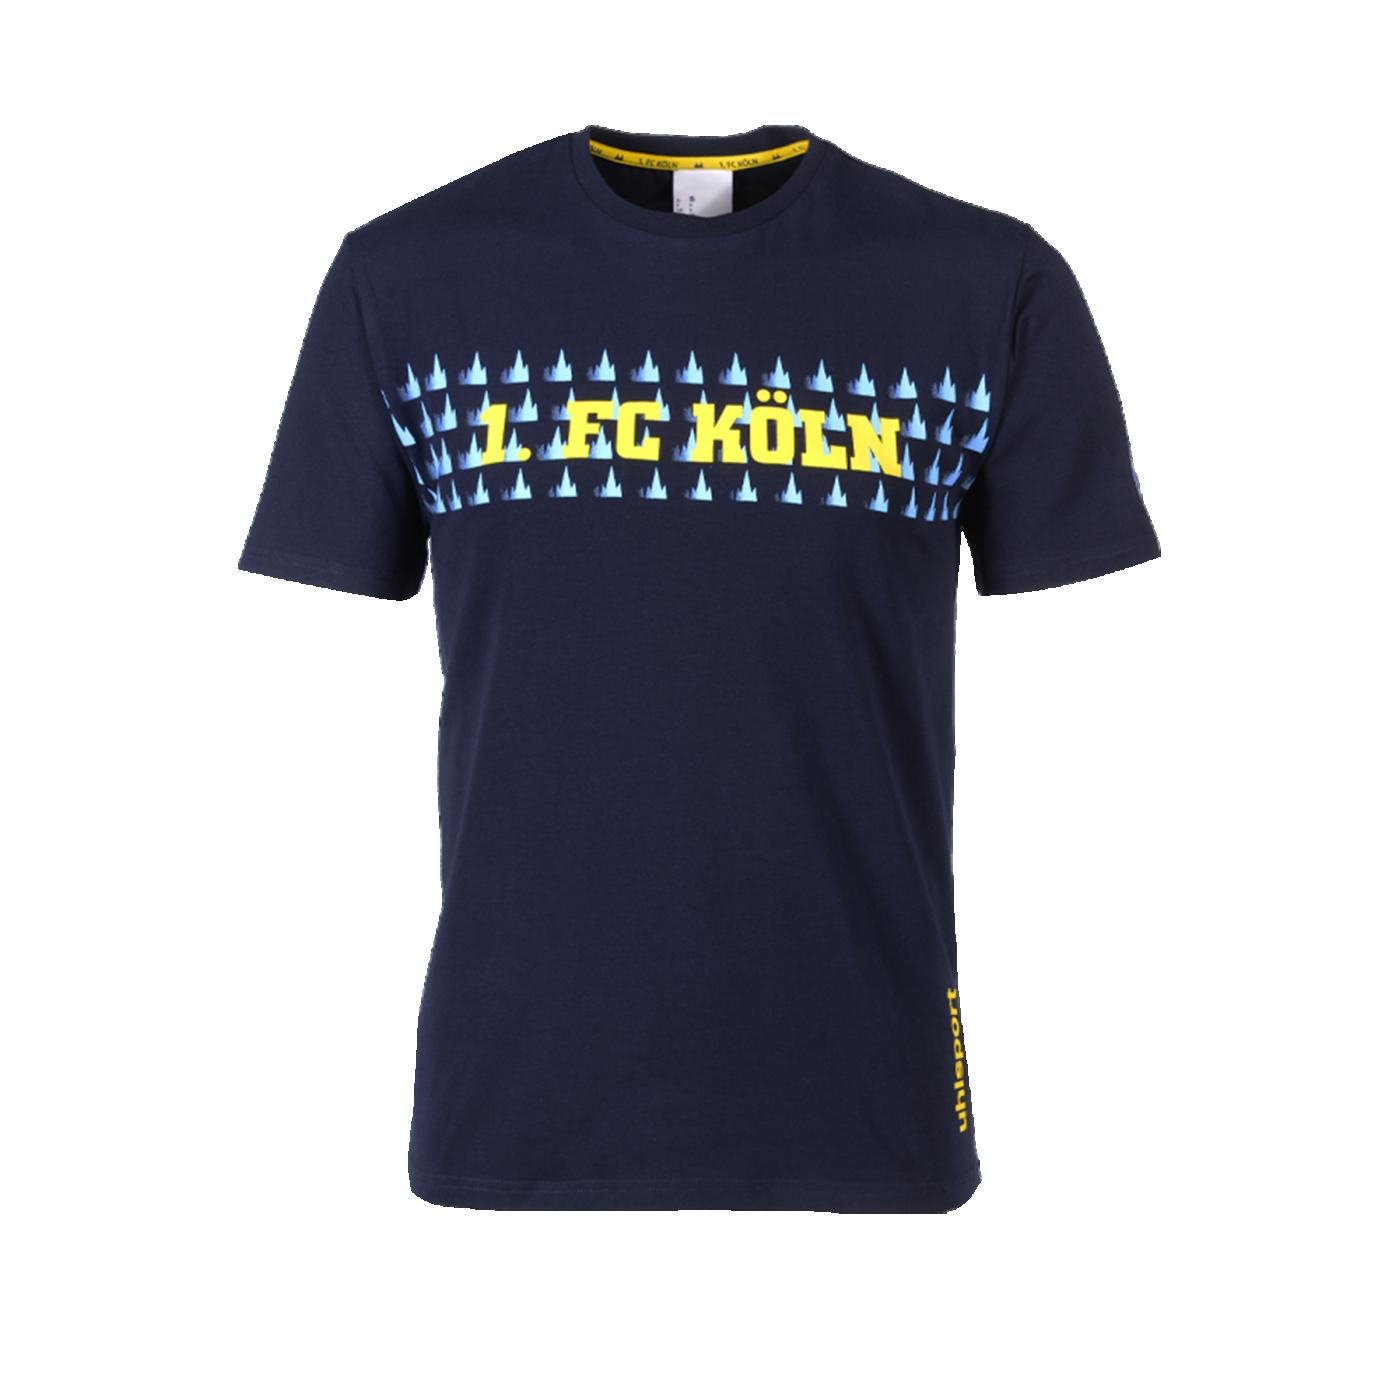 Uhlsport 1. FC Köln T-Shirt 19/20 Blau - blau